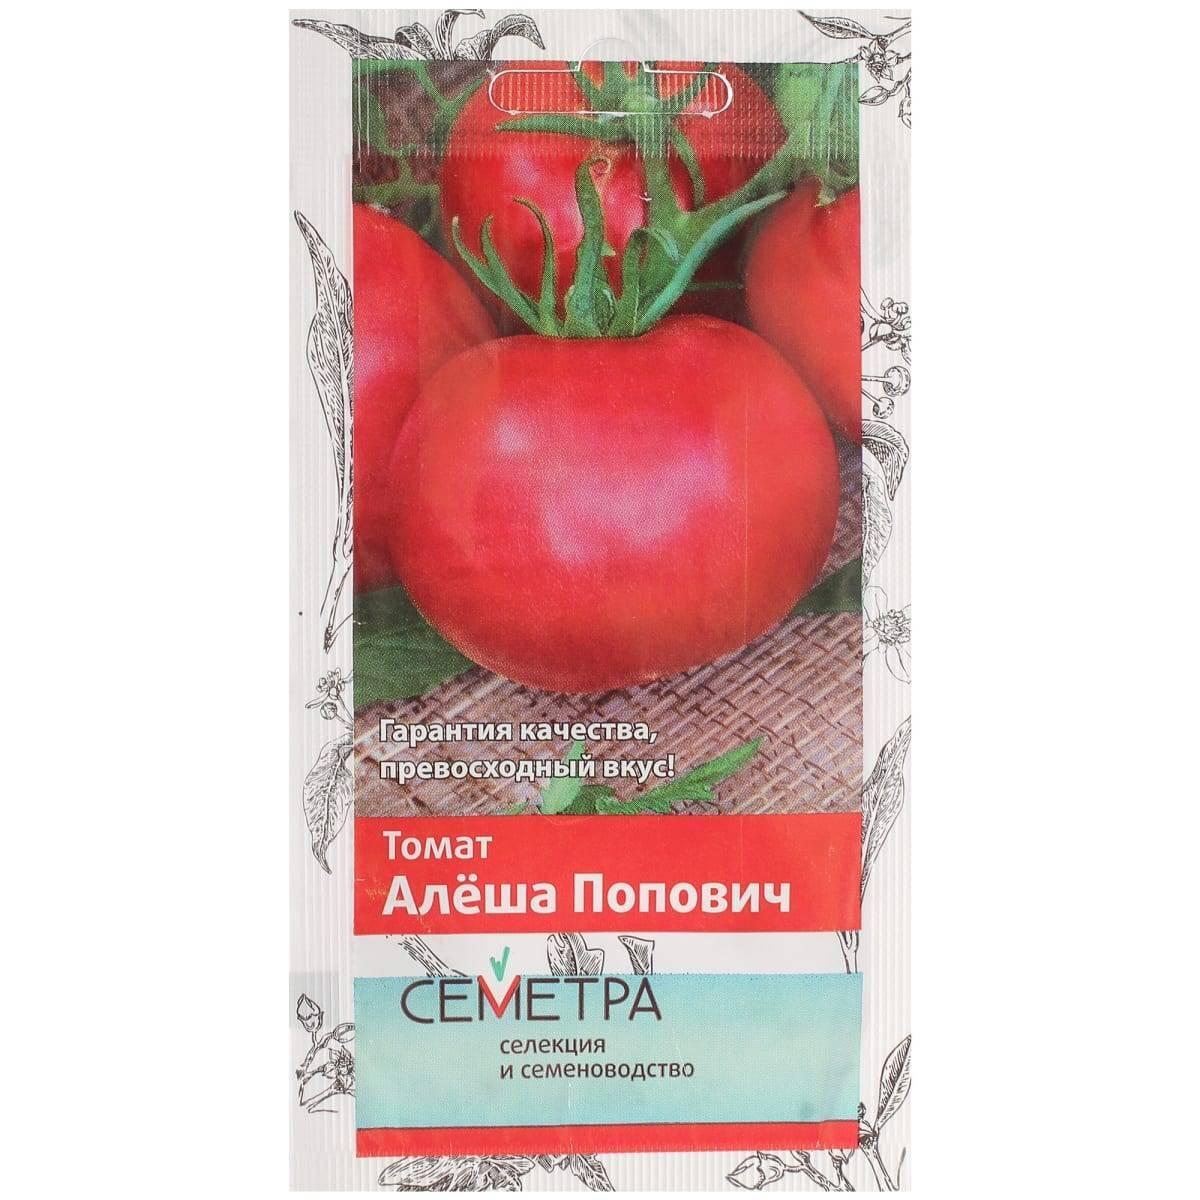 Богатырский урожай до поздней осени — томат алеша попович: описание сорта и советы садоводов